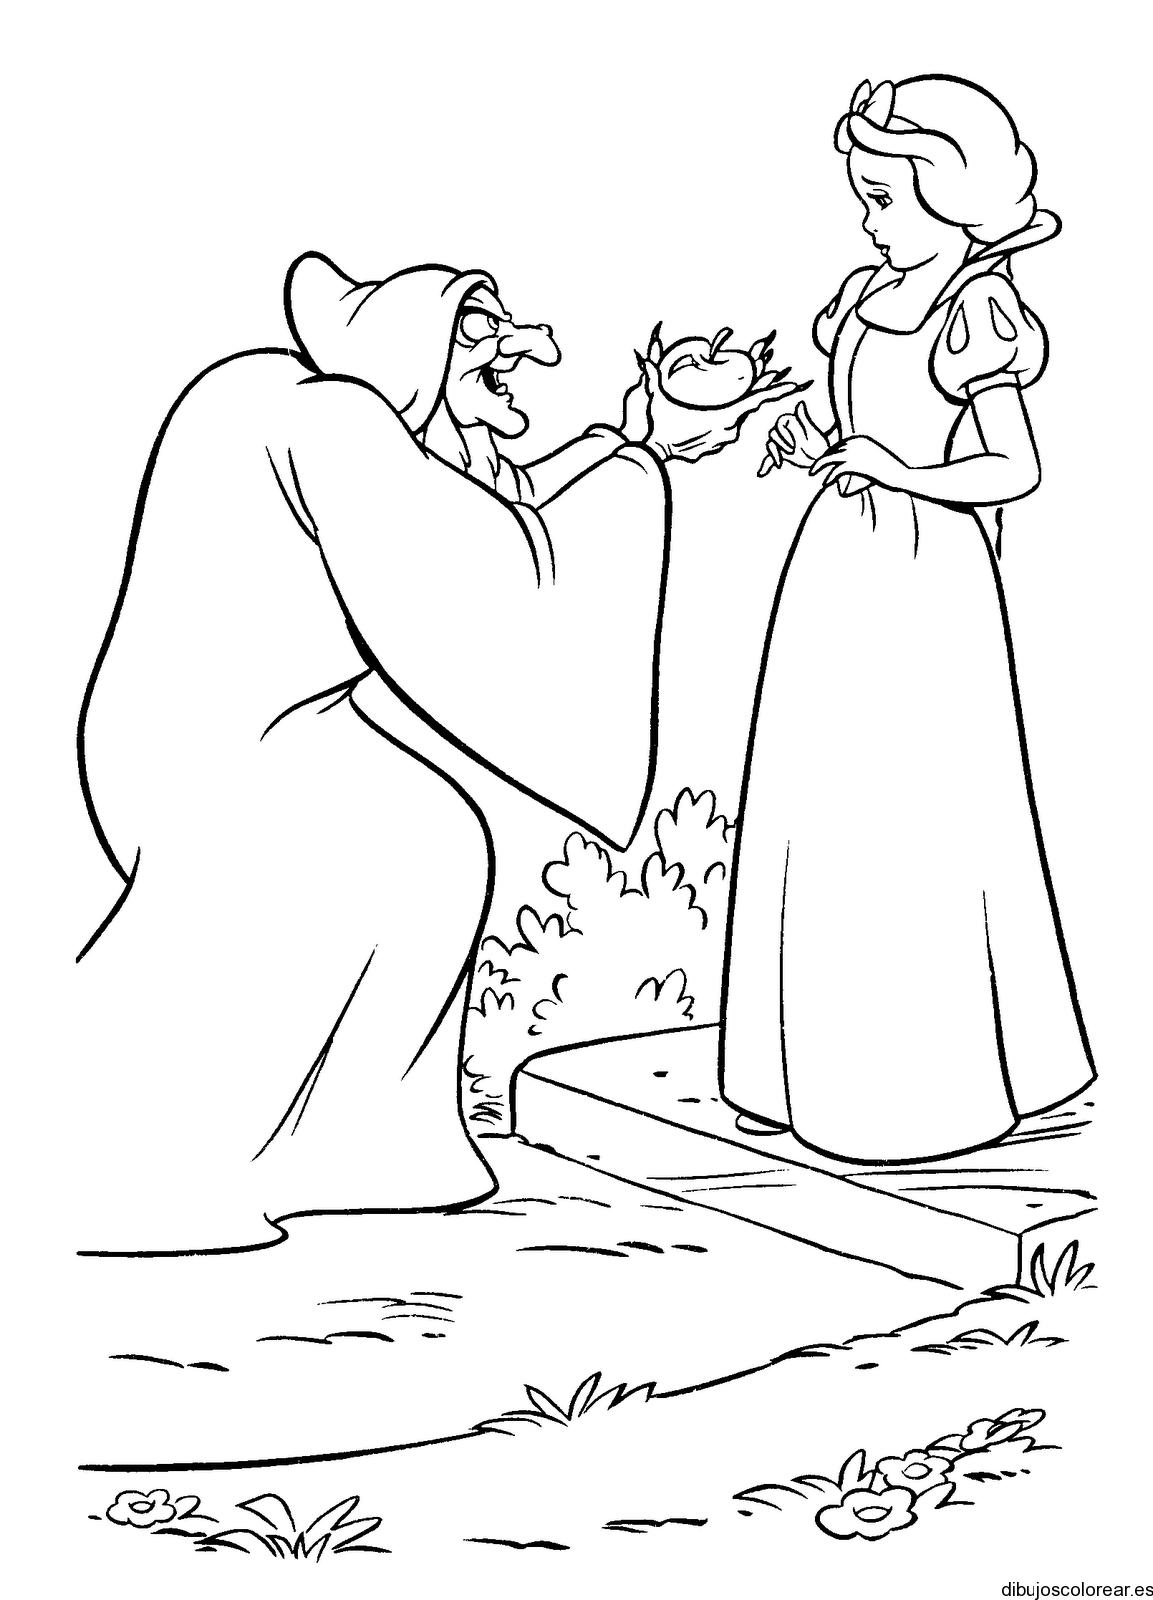 Dibujo de Blancanieves y la bruja con manzana  Dibujos para Colorear